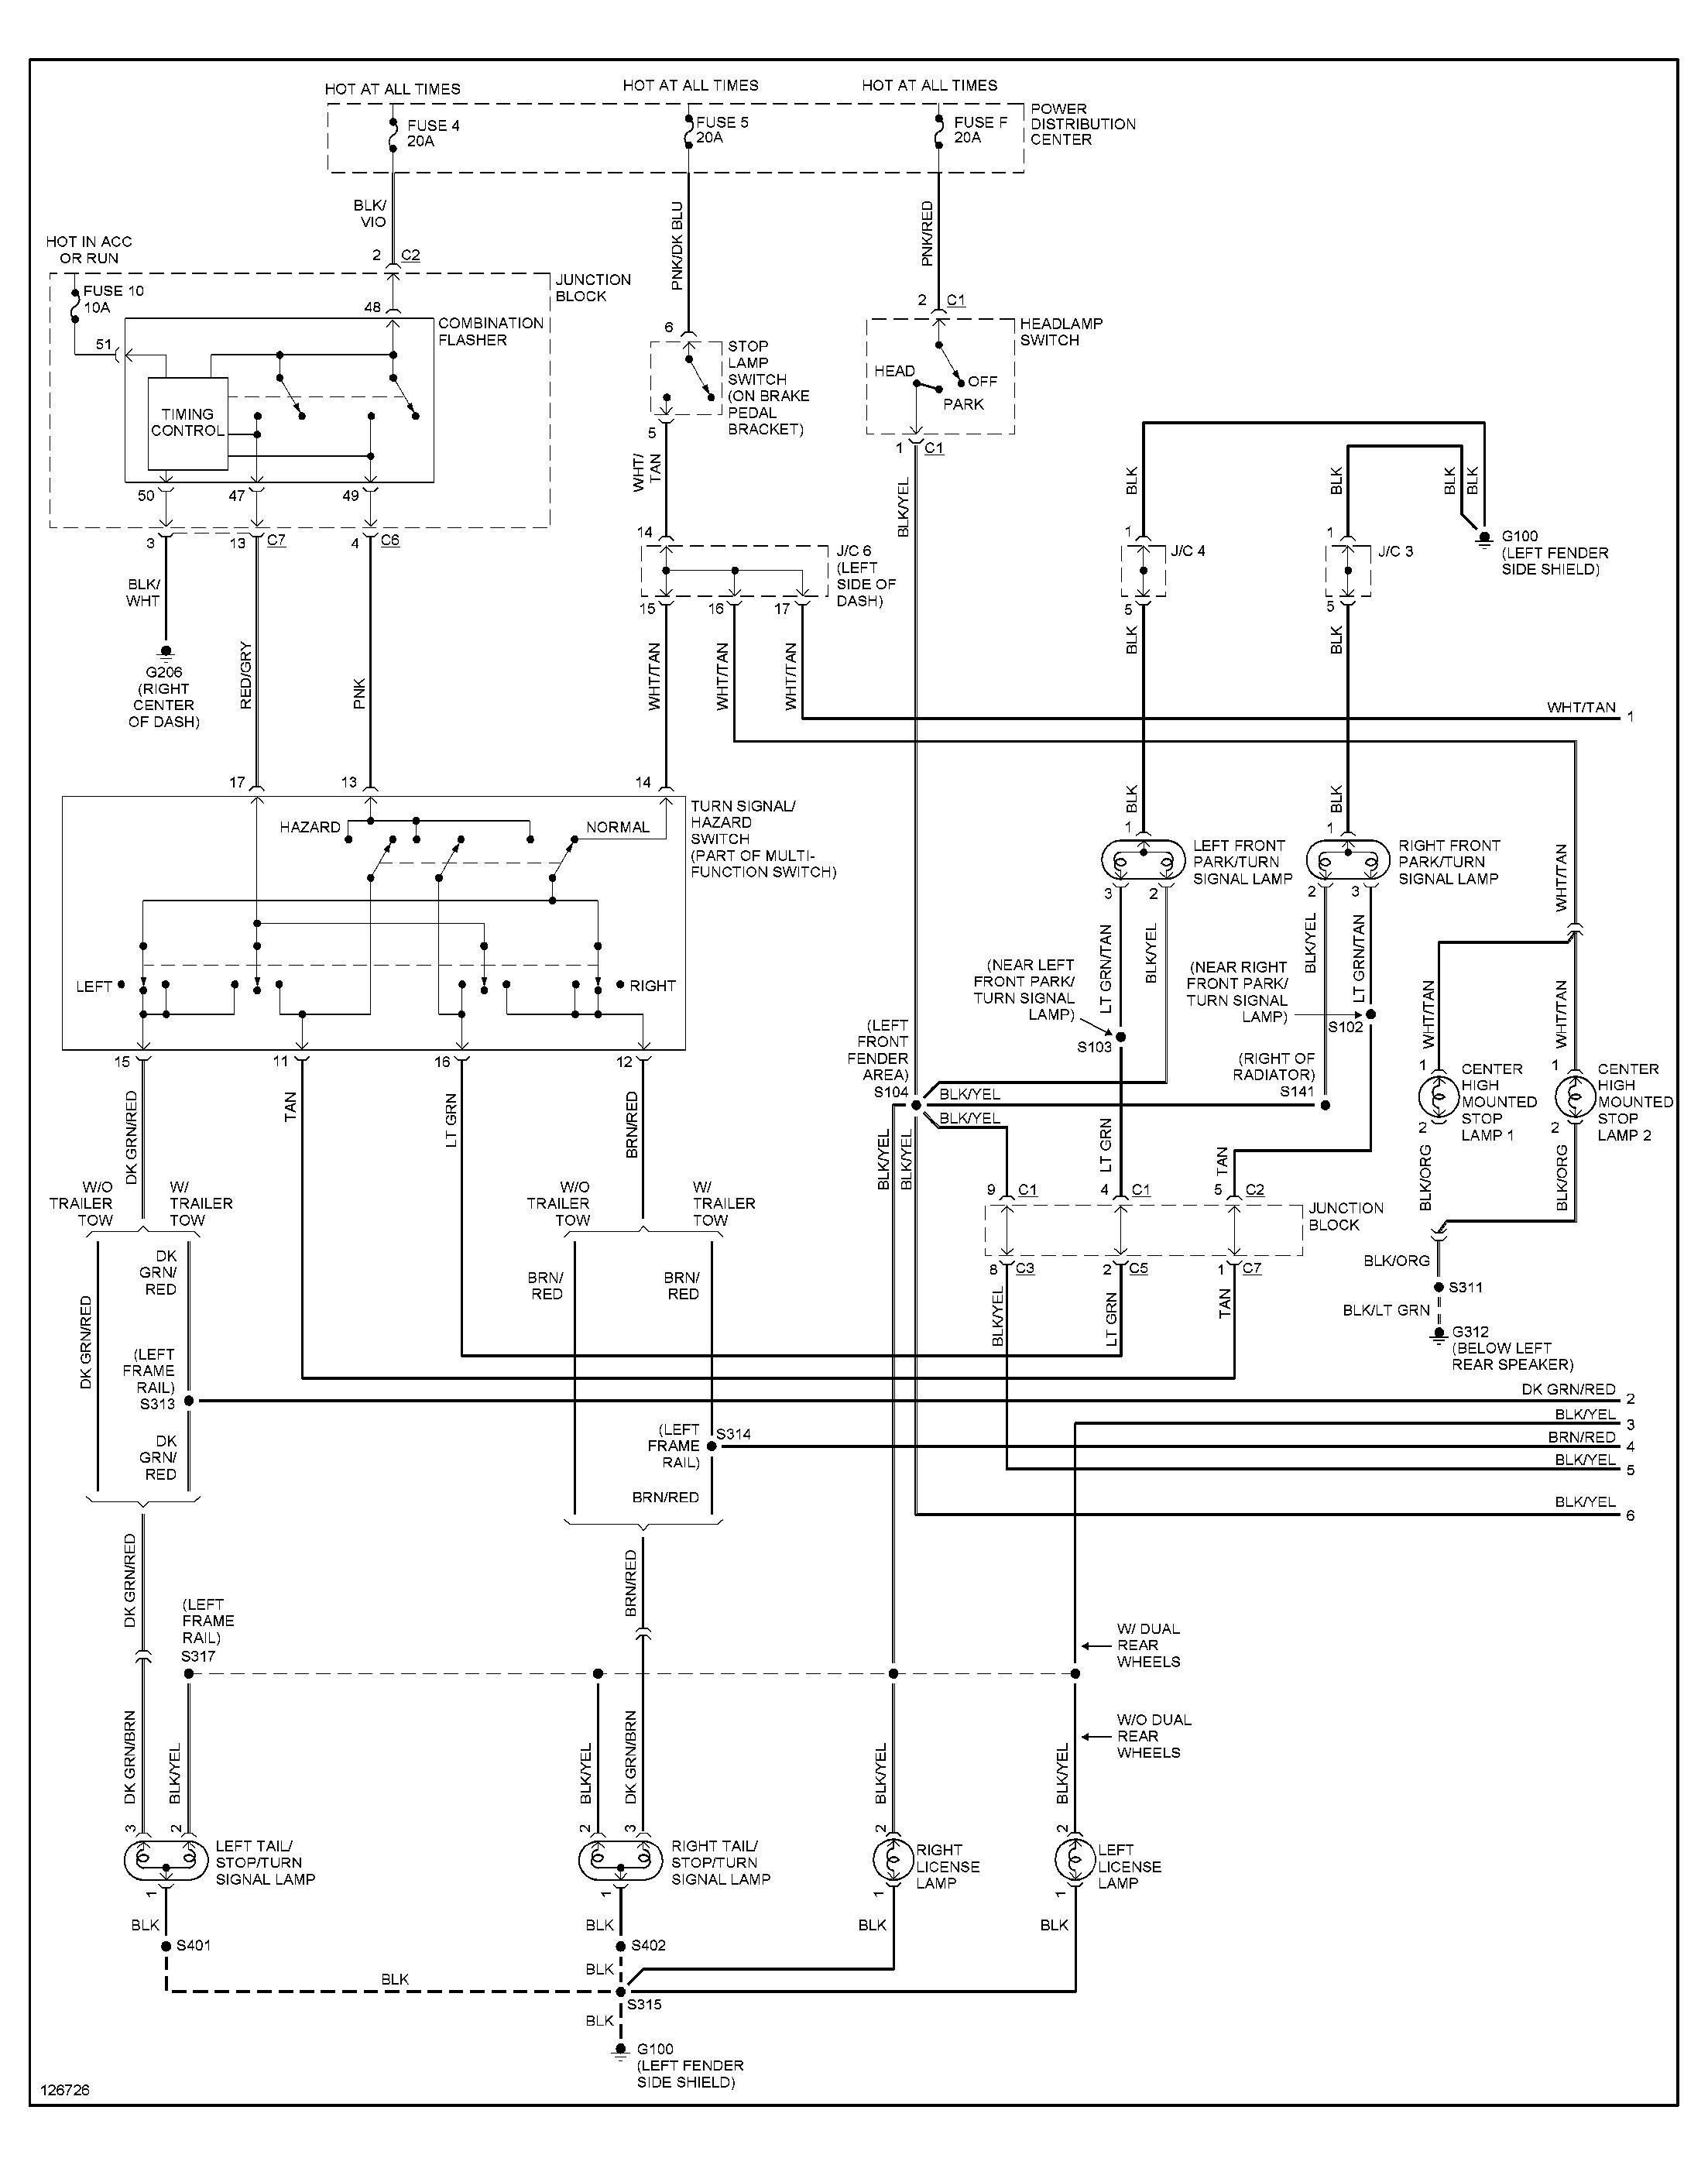 1999 Dodge Caravan Engine Diagram 1996 Dodge Caravan Engine Diagram Schematics Wiring Diagrams • Of 1999 Dodge Caravan Engine Diagram